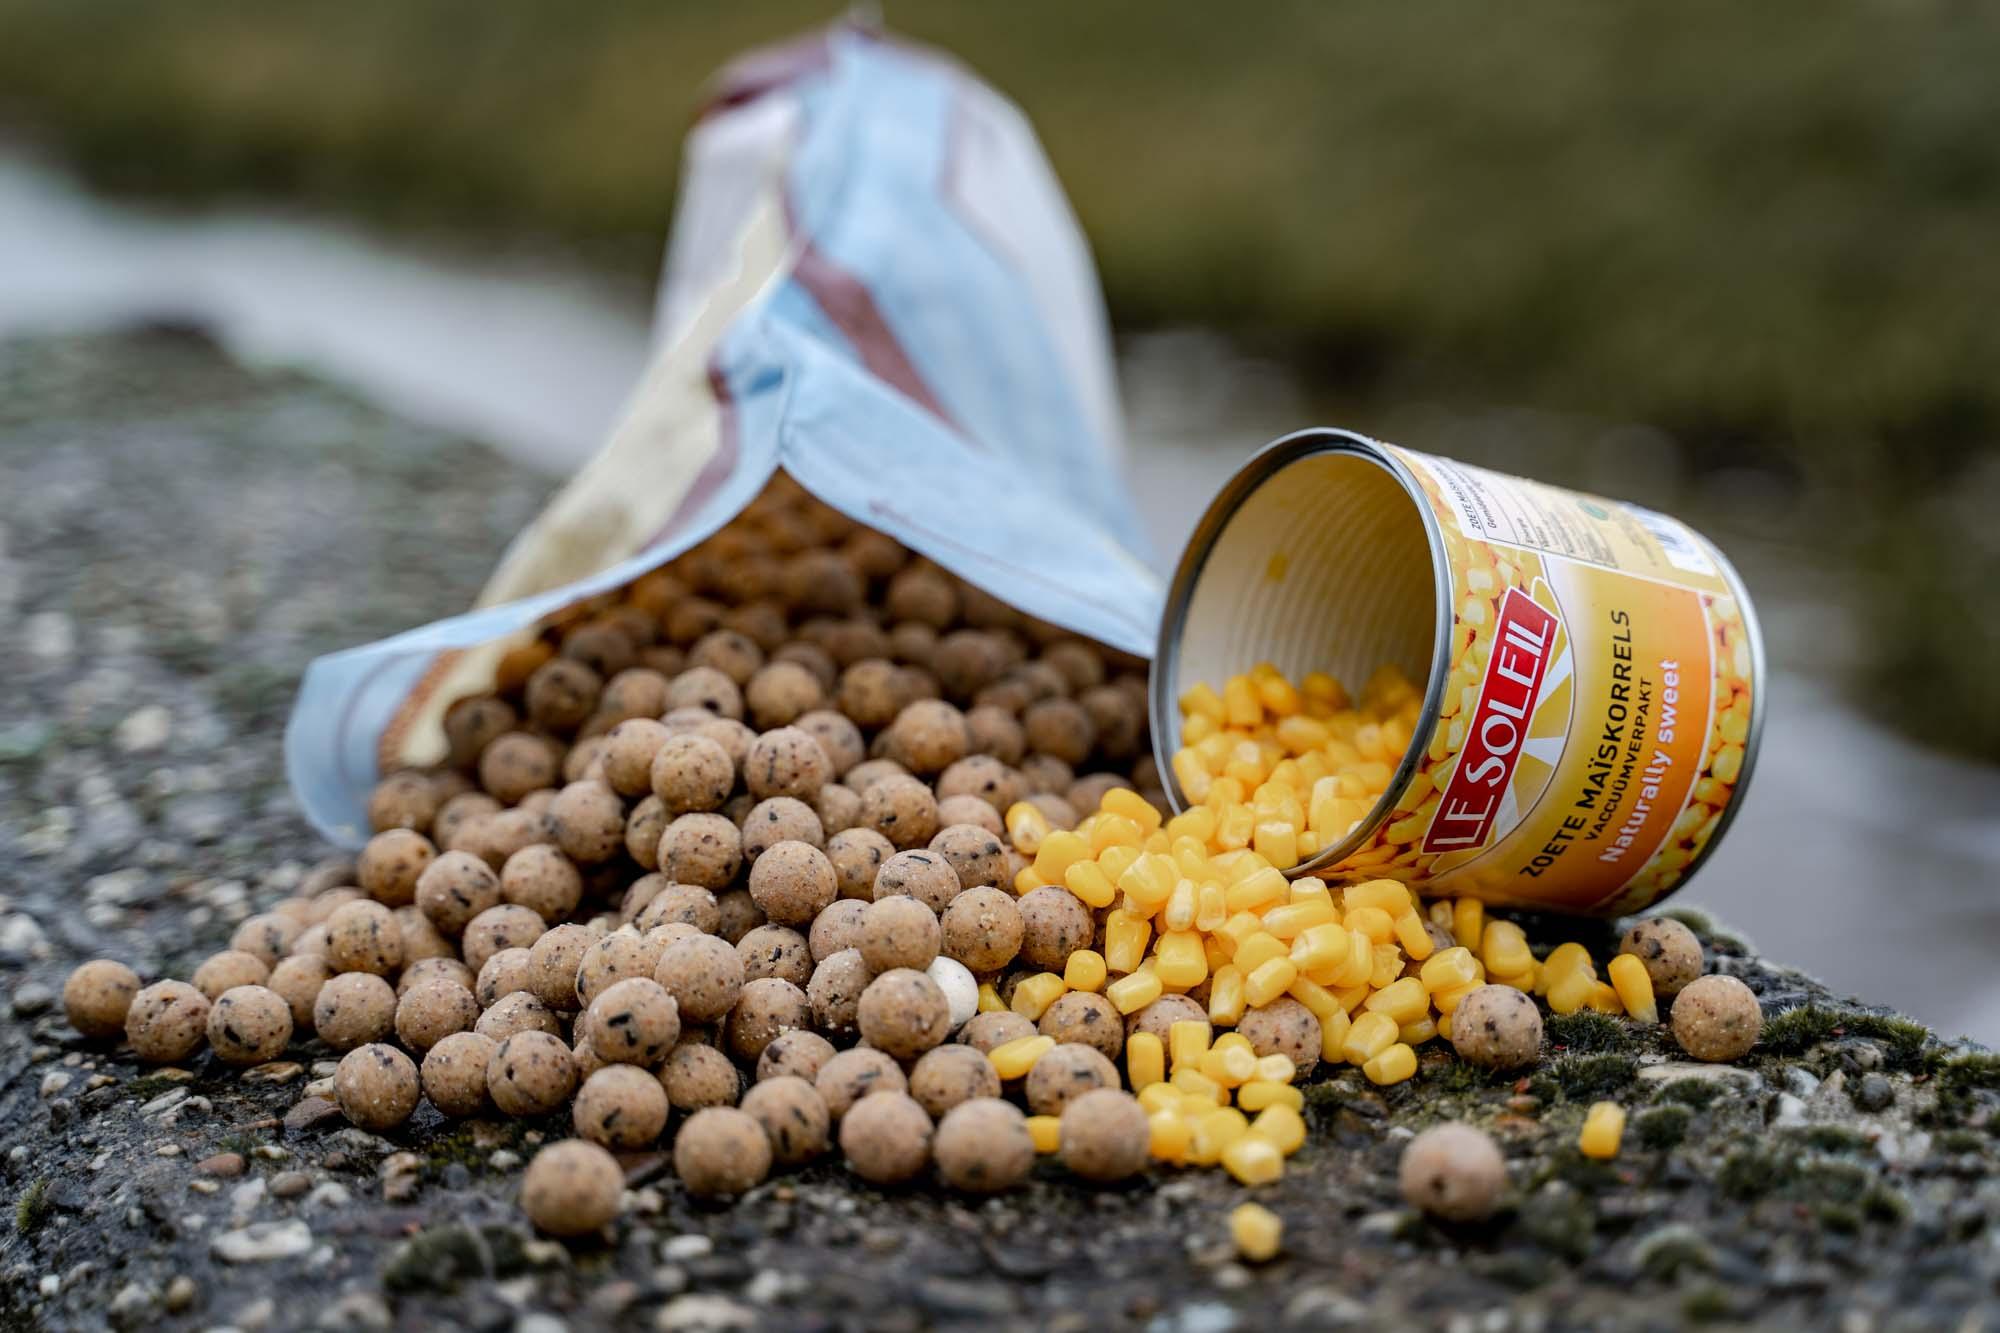 Zachte zoete mais als ondersteuning voor boilies. Het is letterlijk een gouden combinatie in de winter